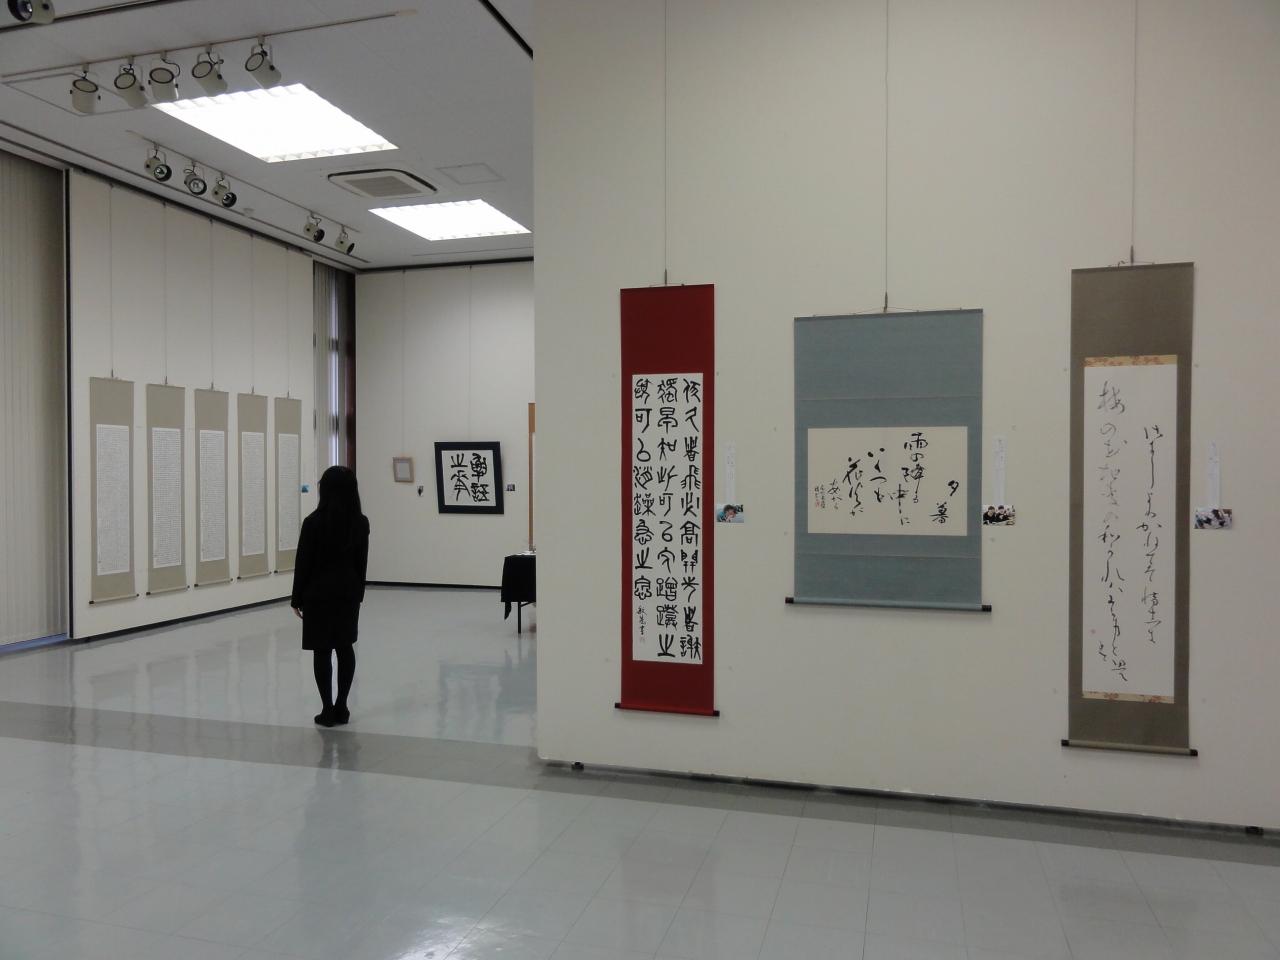 慶応義塾大学書道会96期卒業記念展覧会「瑞祥展」